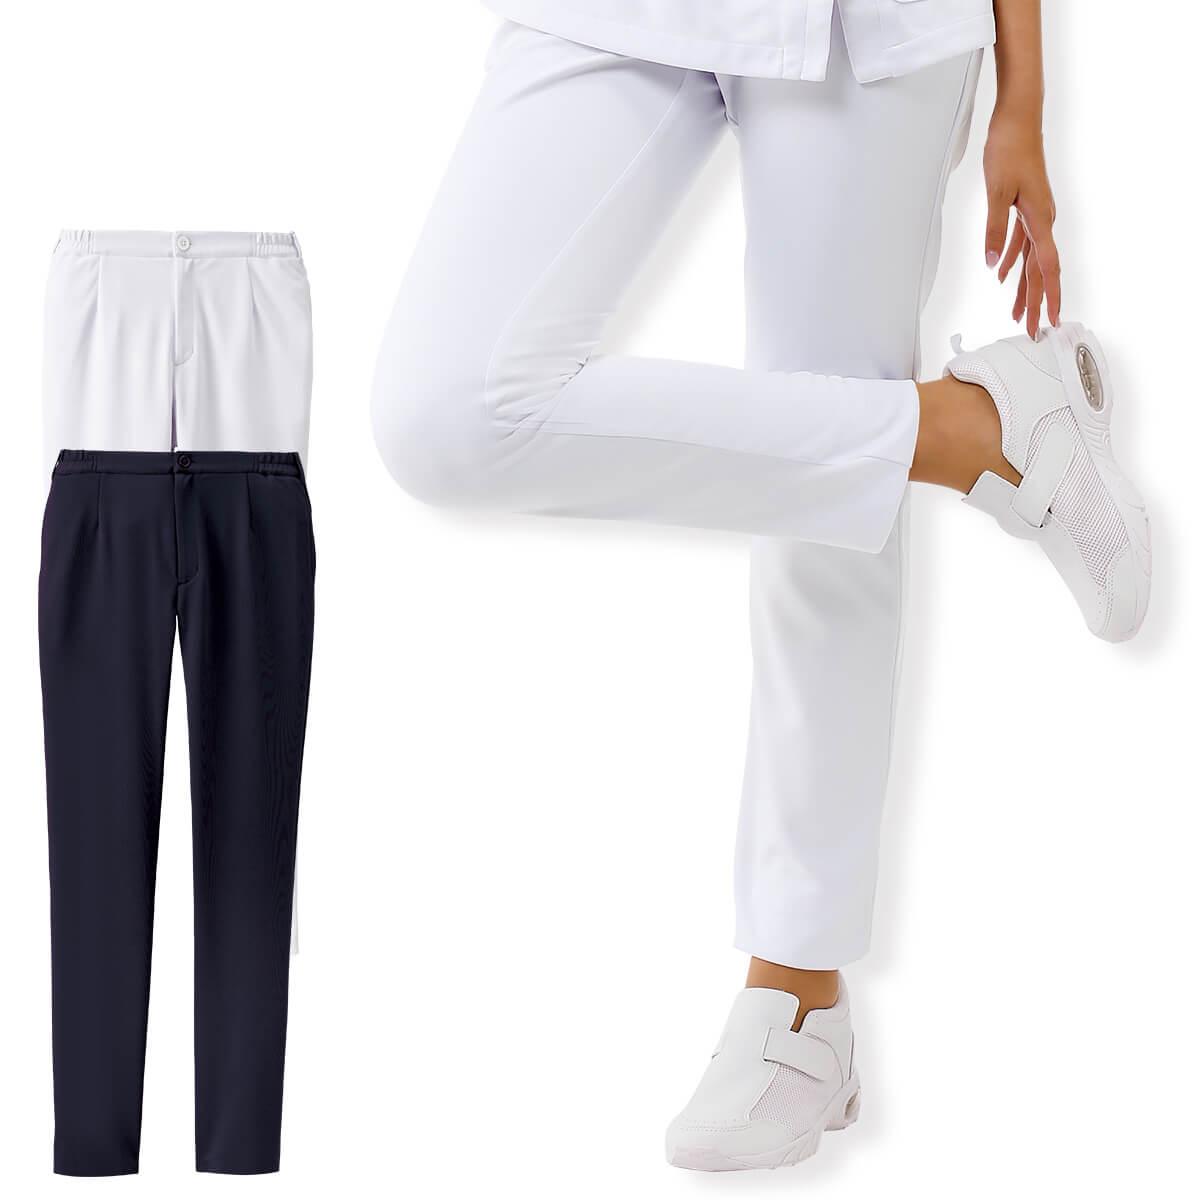 ももはりさんにうれしい、ゆったりサイズのスキニ―パンツ。 2163 ももはりさん対応スキニーパンツ【医療 ナース 看護師 白衣 女性 ナースリー】